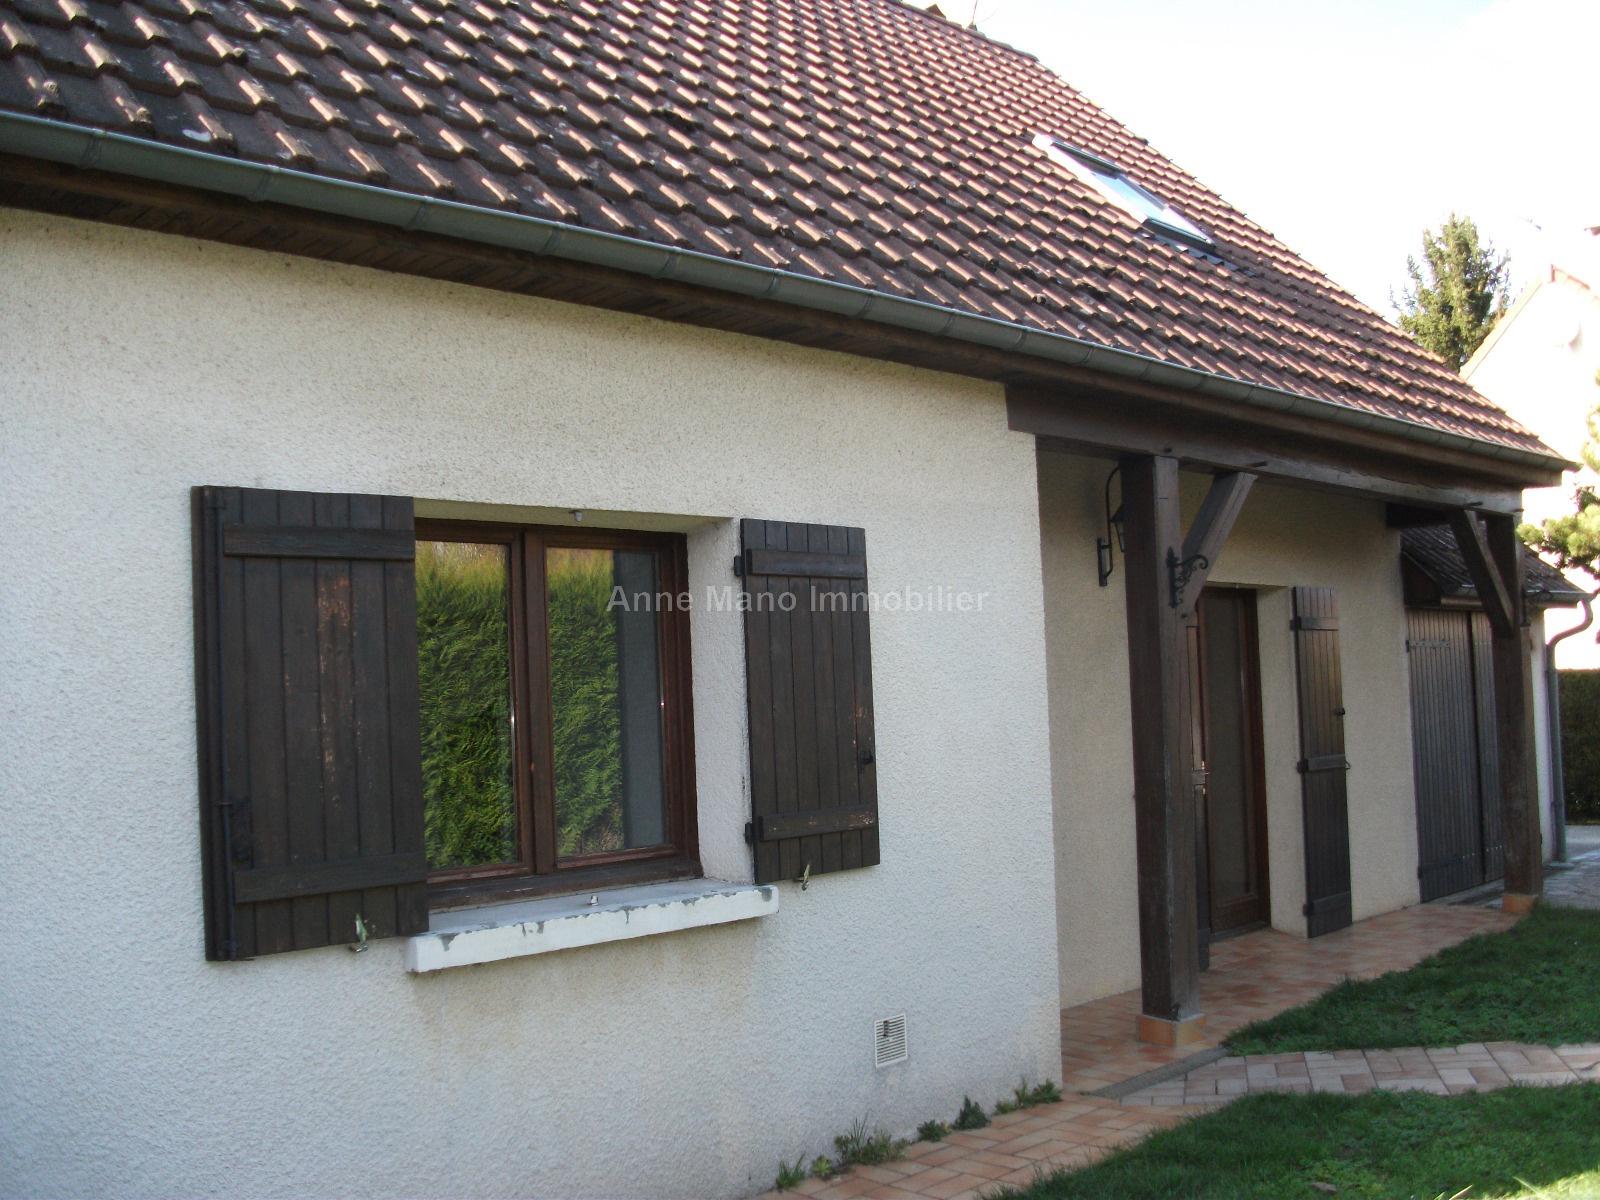 Annonce vente maison ch teau thierry 02400 106 m 180 for Assurance auto et maison